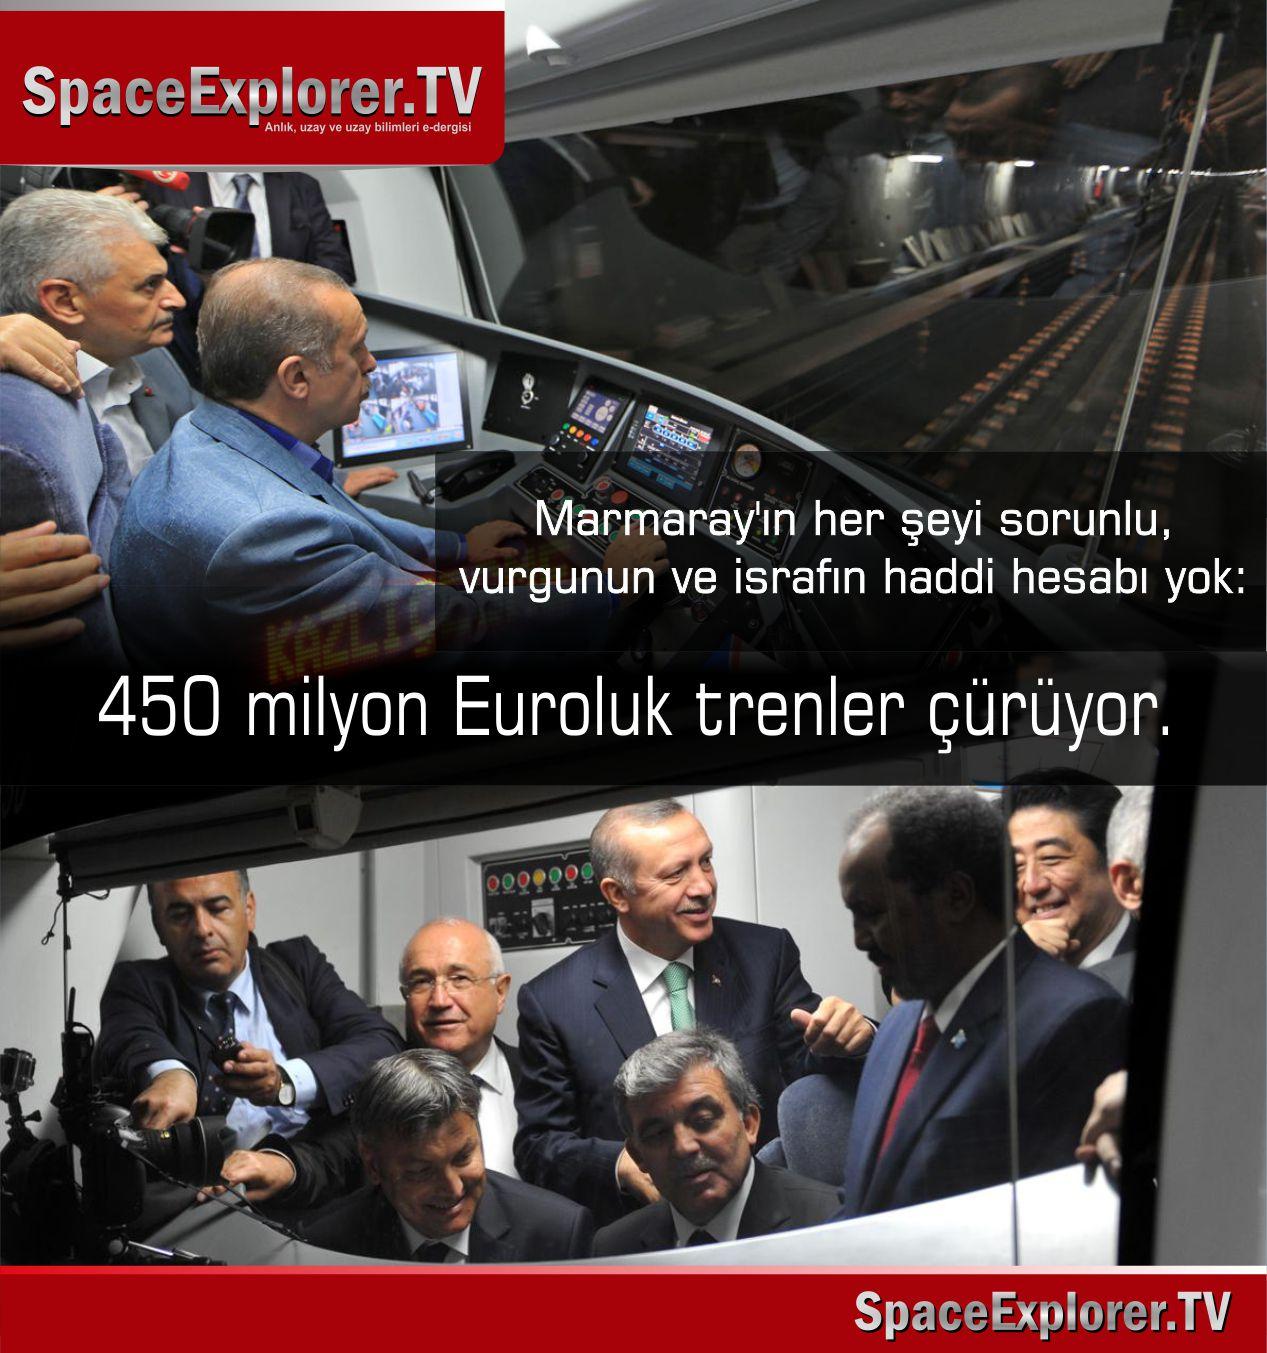 Marmaray, Üçüncü havalimanı, Arif Ahmet Denizolgun, Yüksek Hızlı Tren (YHT), Demiryolu projeleri, Mehmet Fahri Sertkaya,